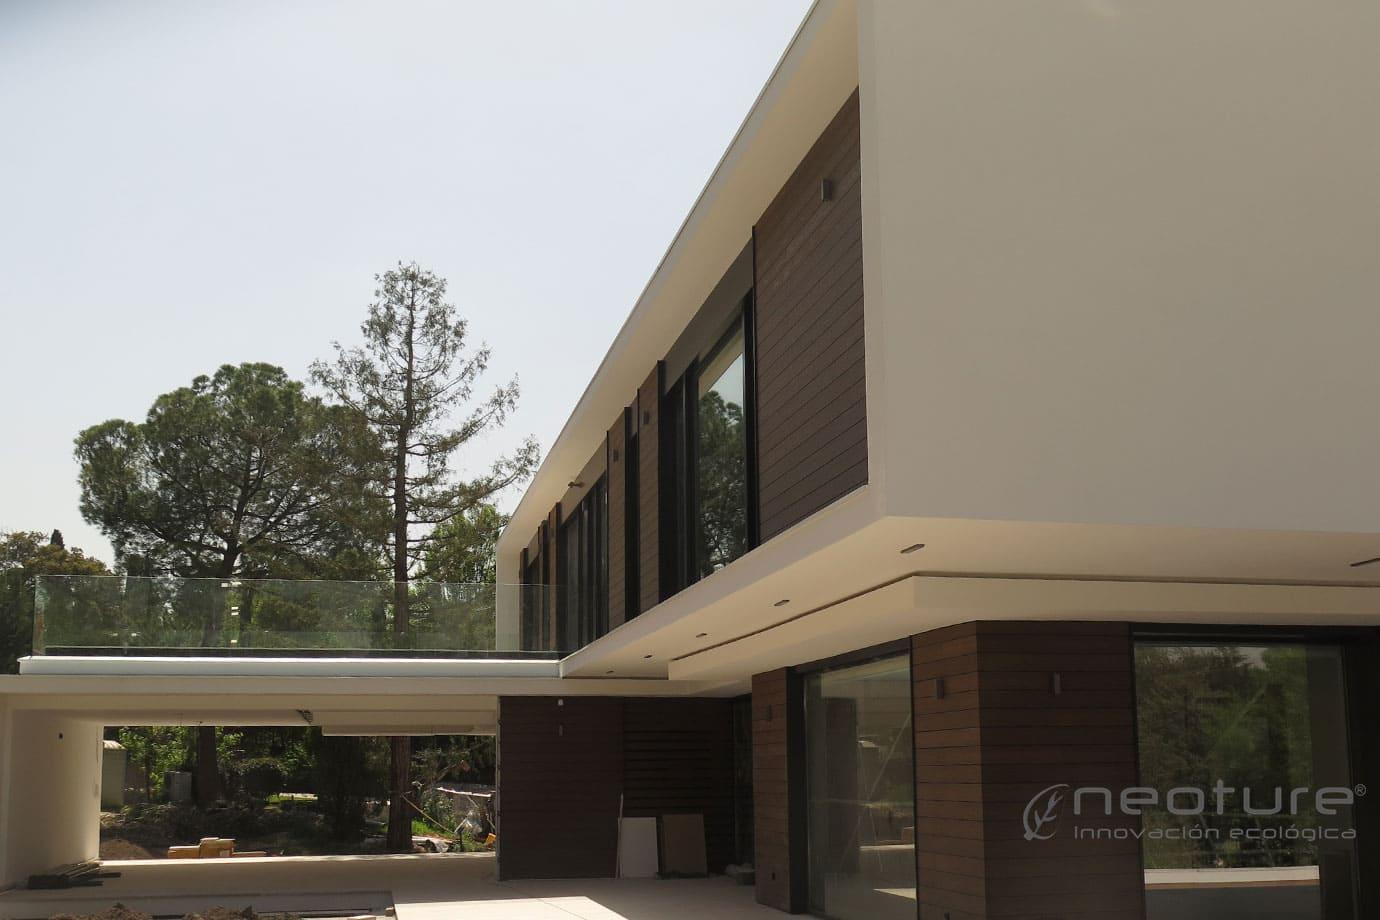 Revestimiento exterior sint tico neocros - Revestimientos de fachadas precios ...